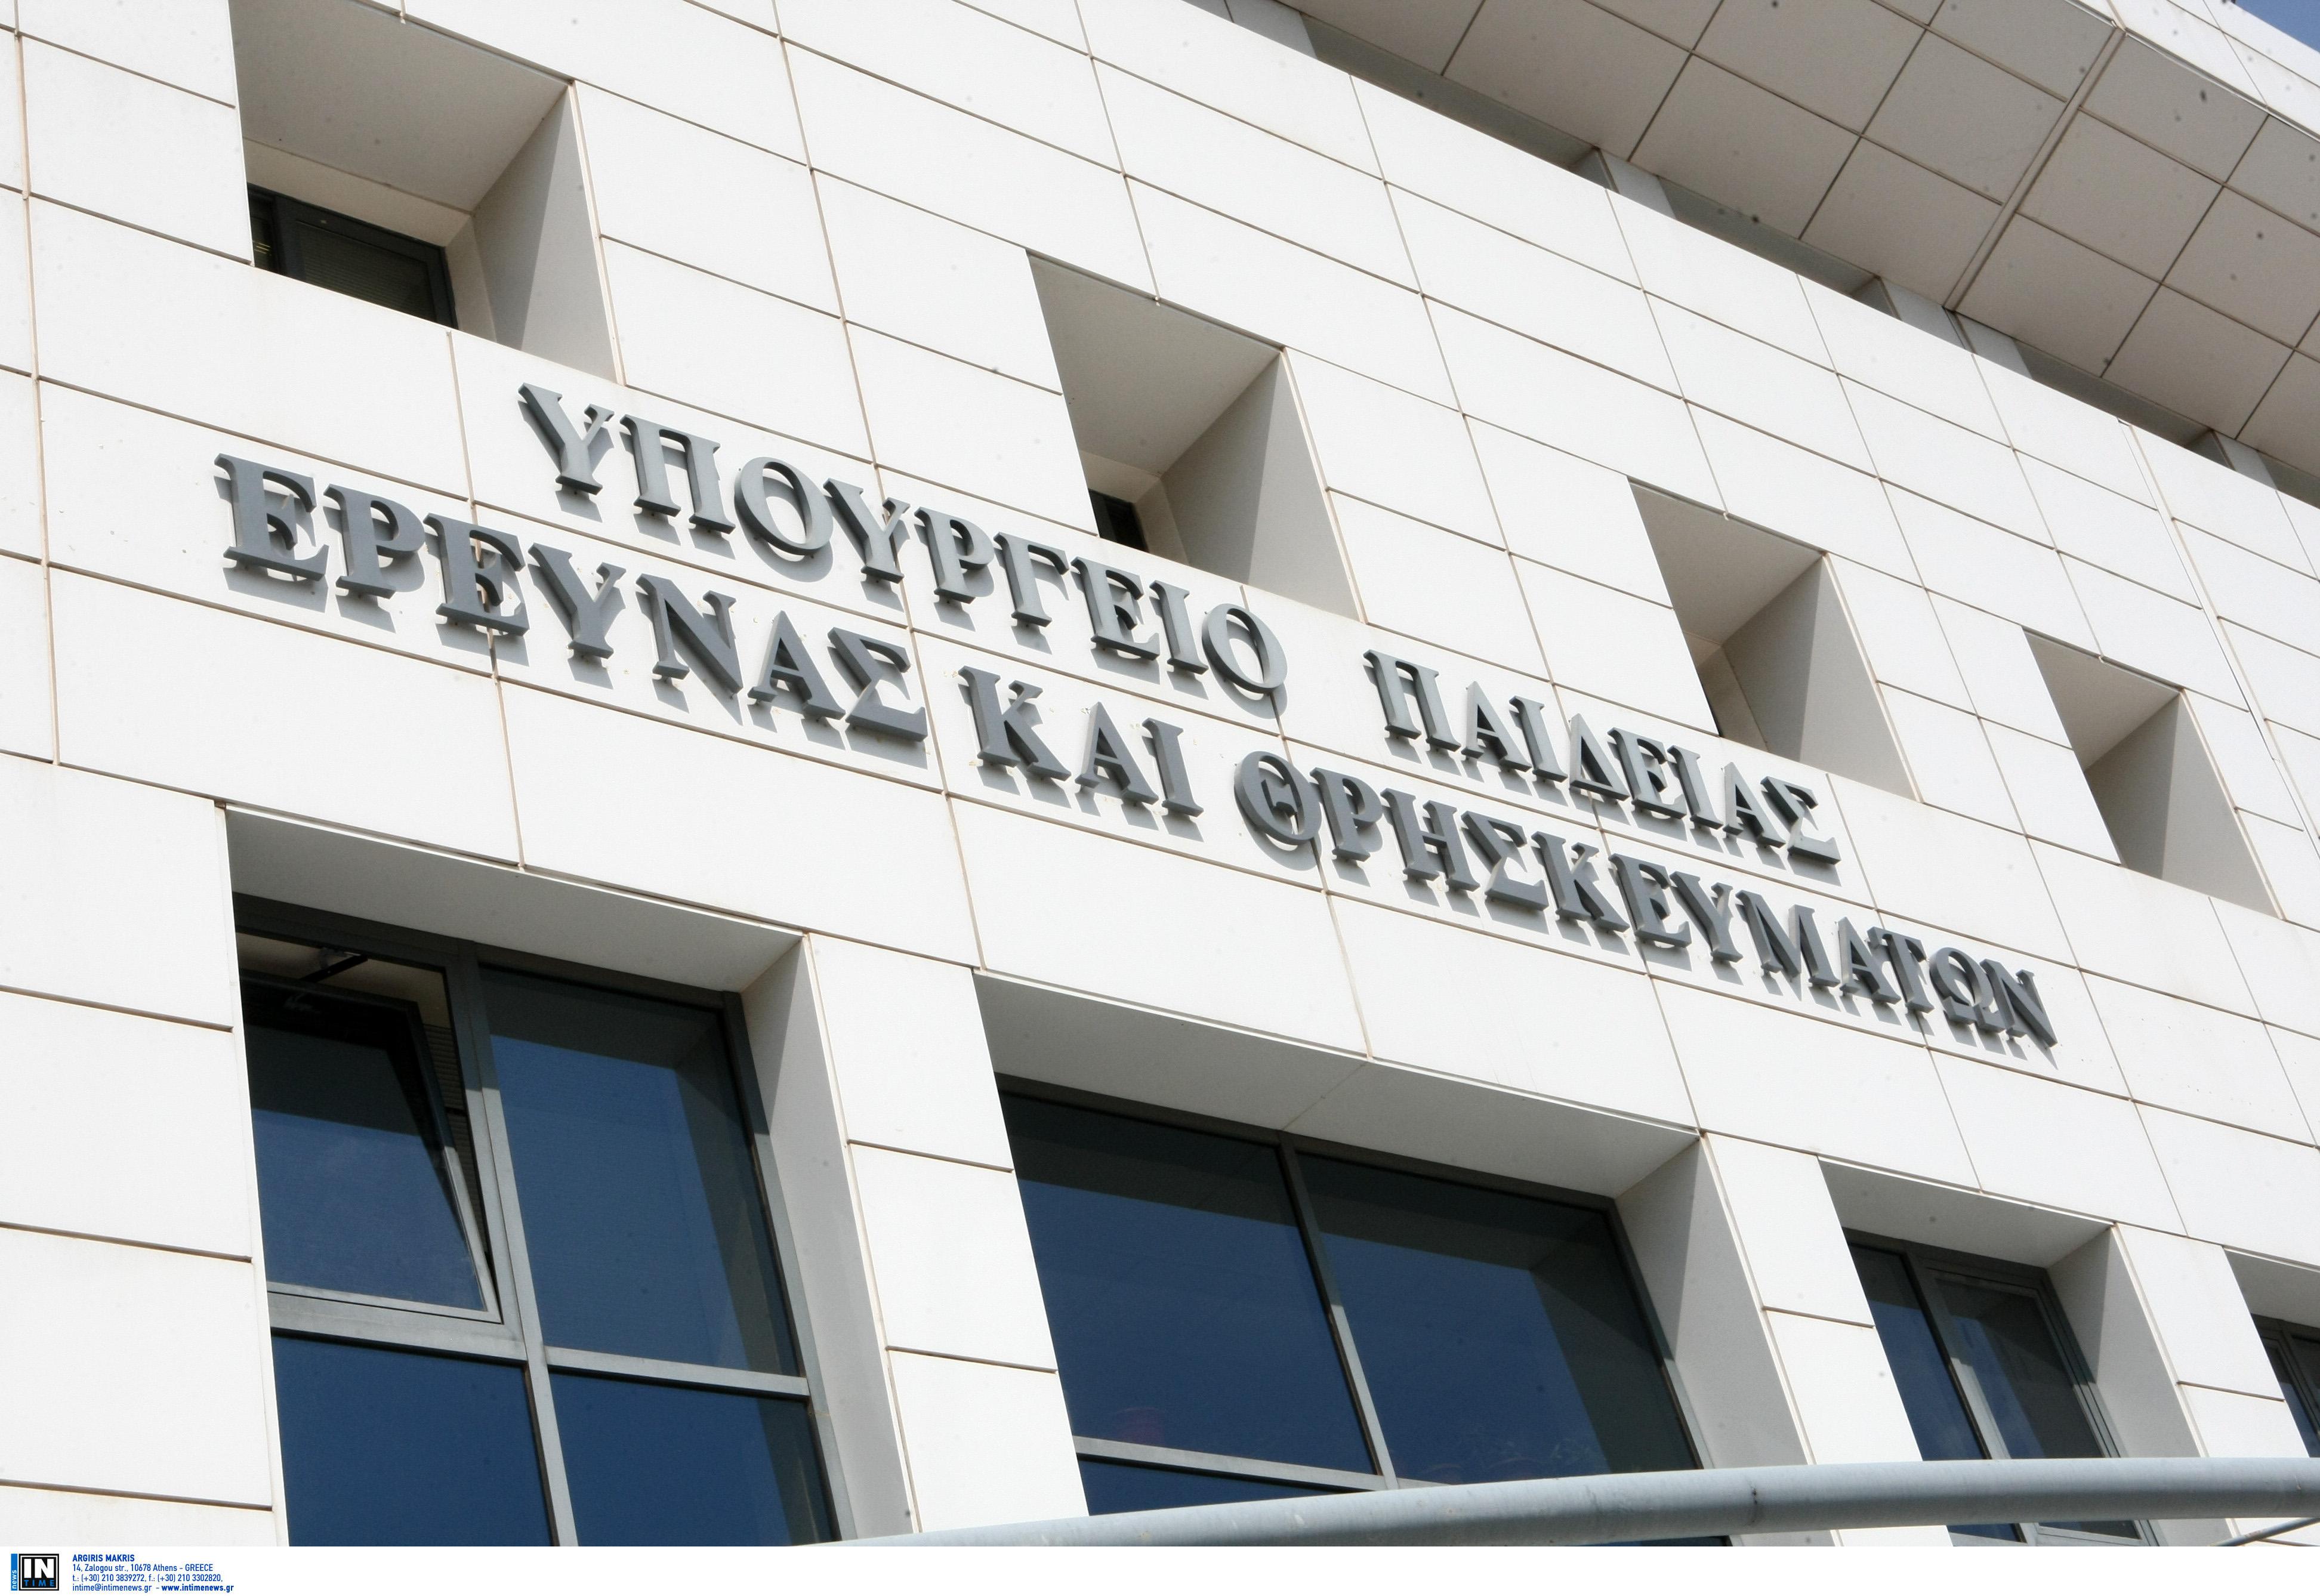 Υπουργείο Παιδείας: Από τις 17 Μαΐου ξεκινούν συγκεκριμένες λειτουργίες σε δημόσια και ιδιωτικά ΙΕΚ και Κολλέγια